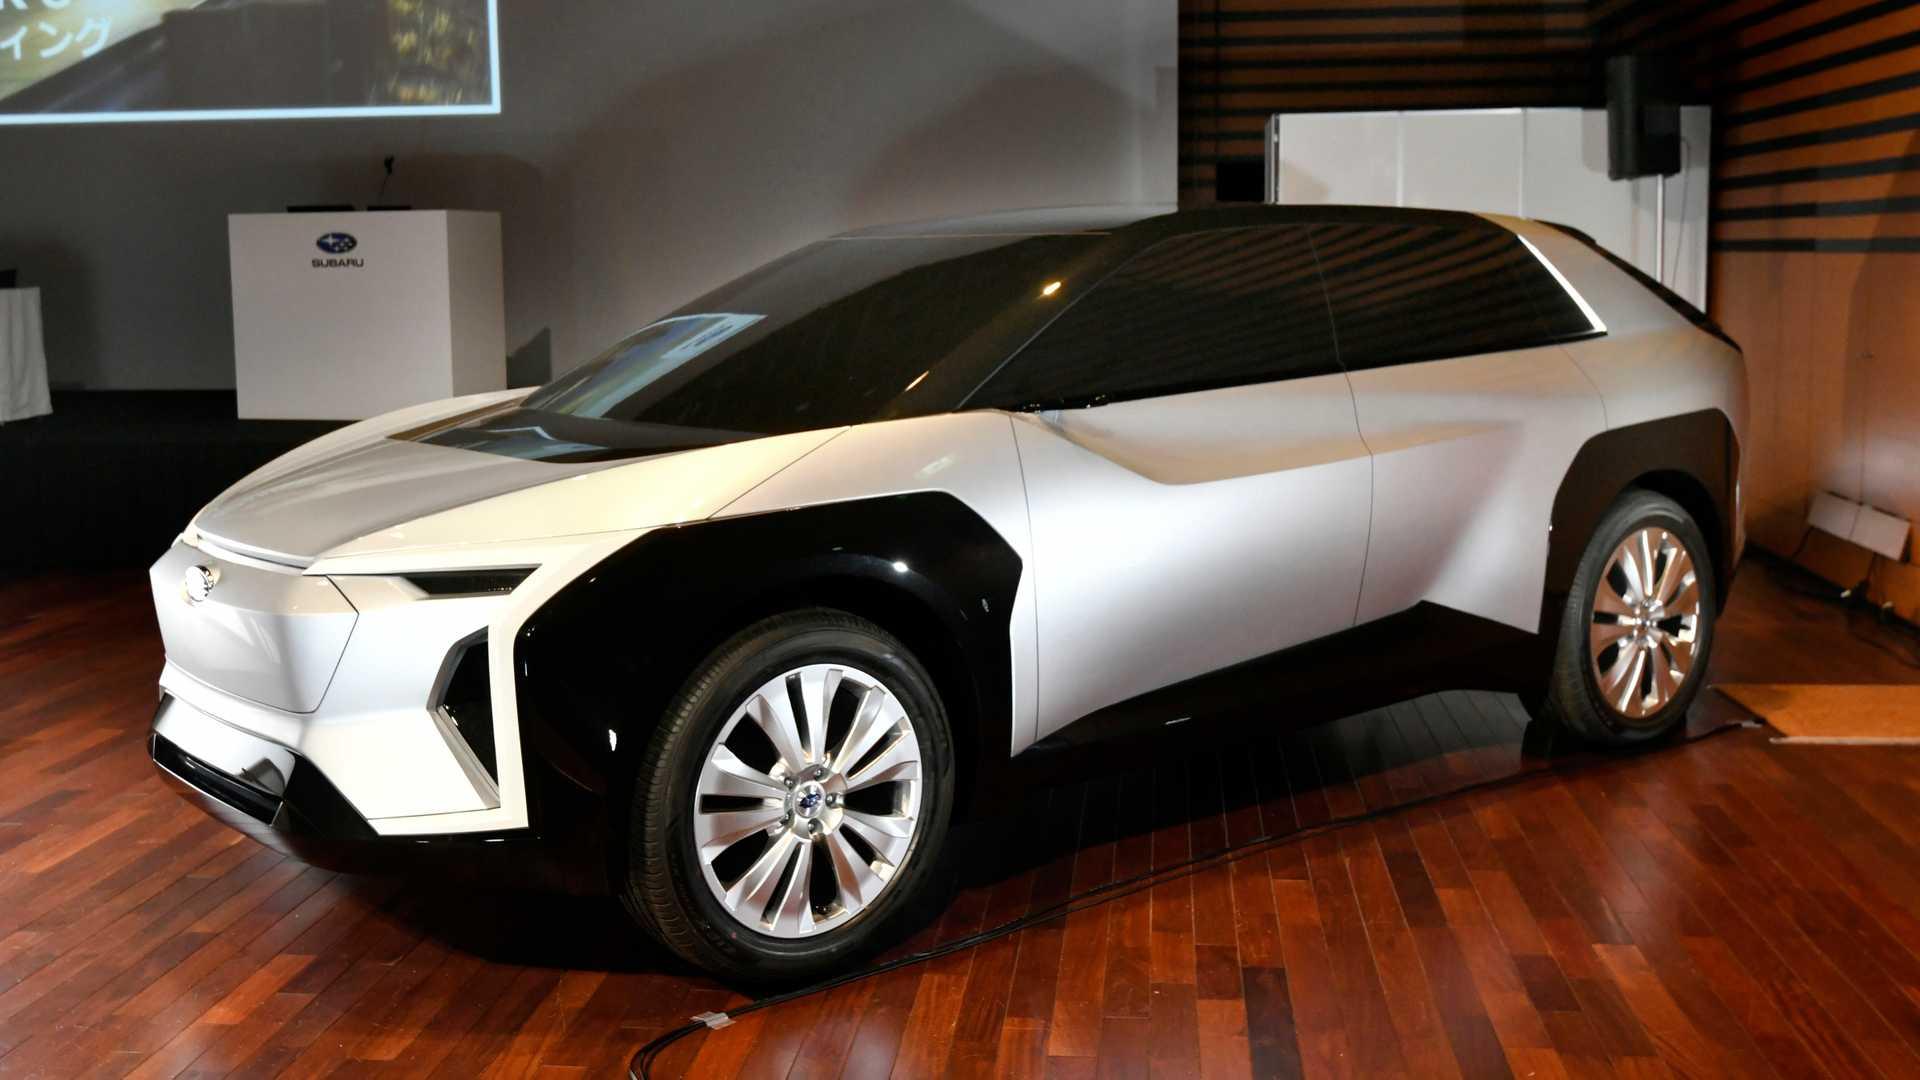 جدیدترین خودرو تمام الکترونیکی سوبارو مشخص شد